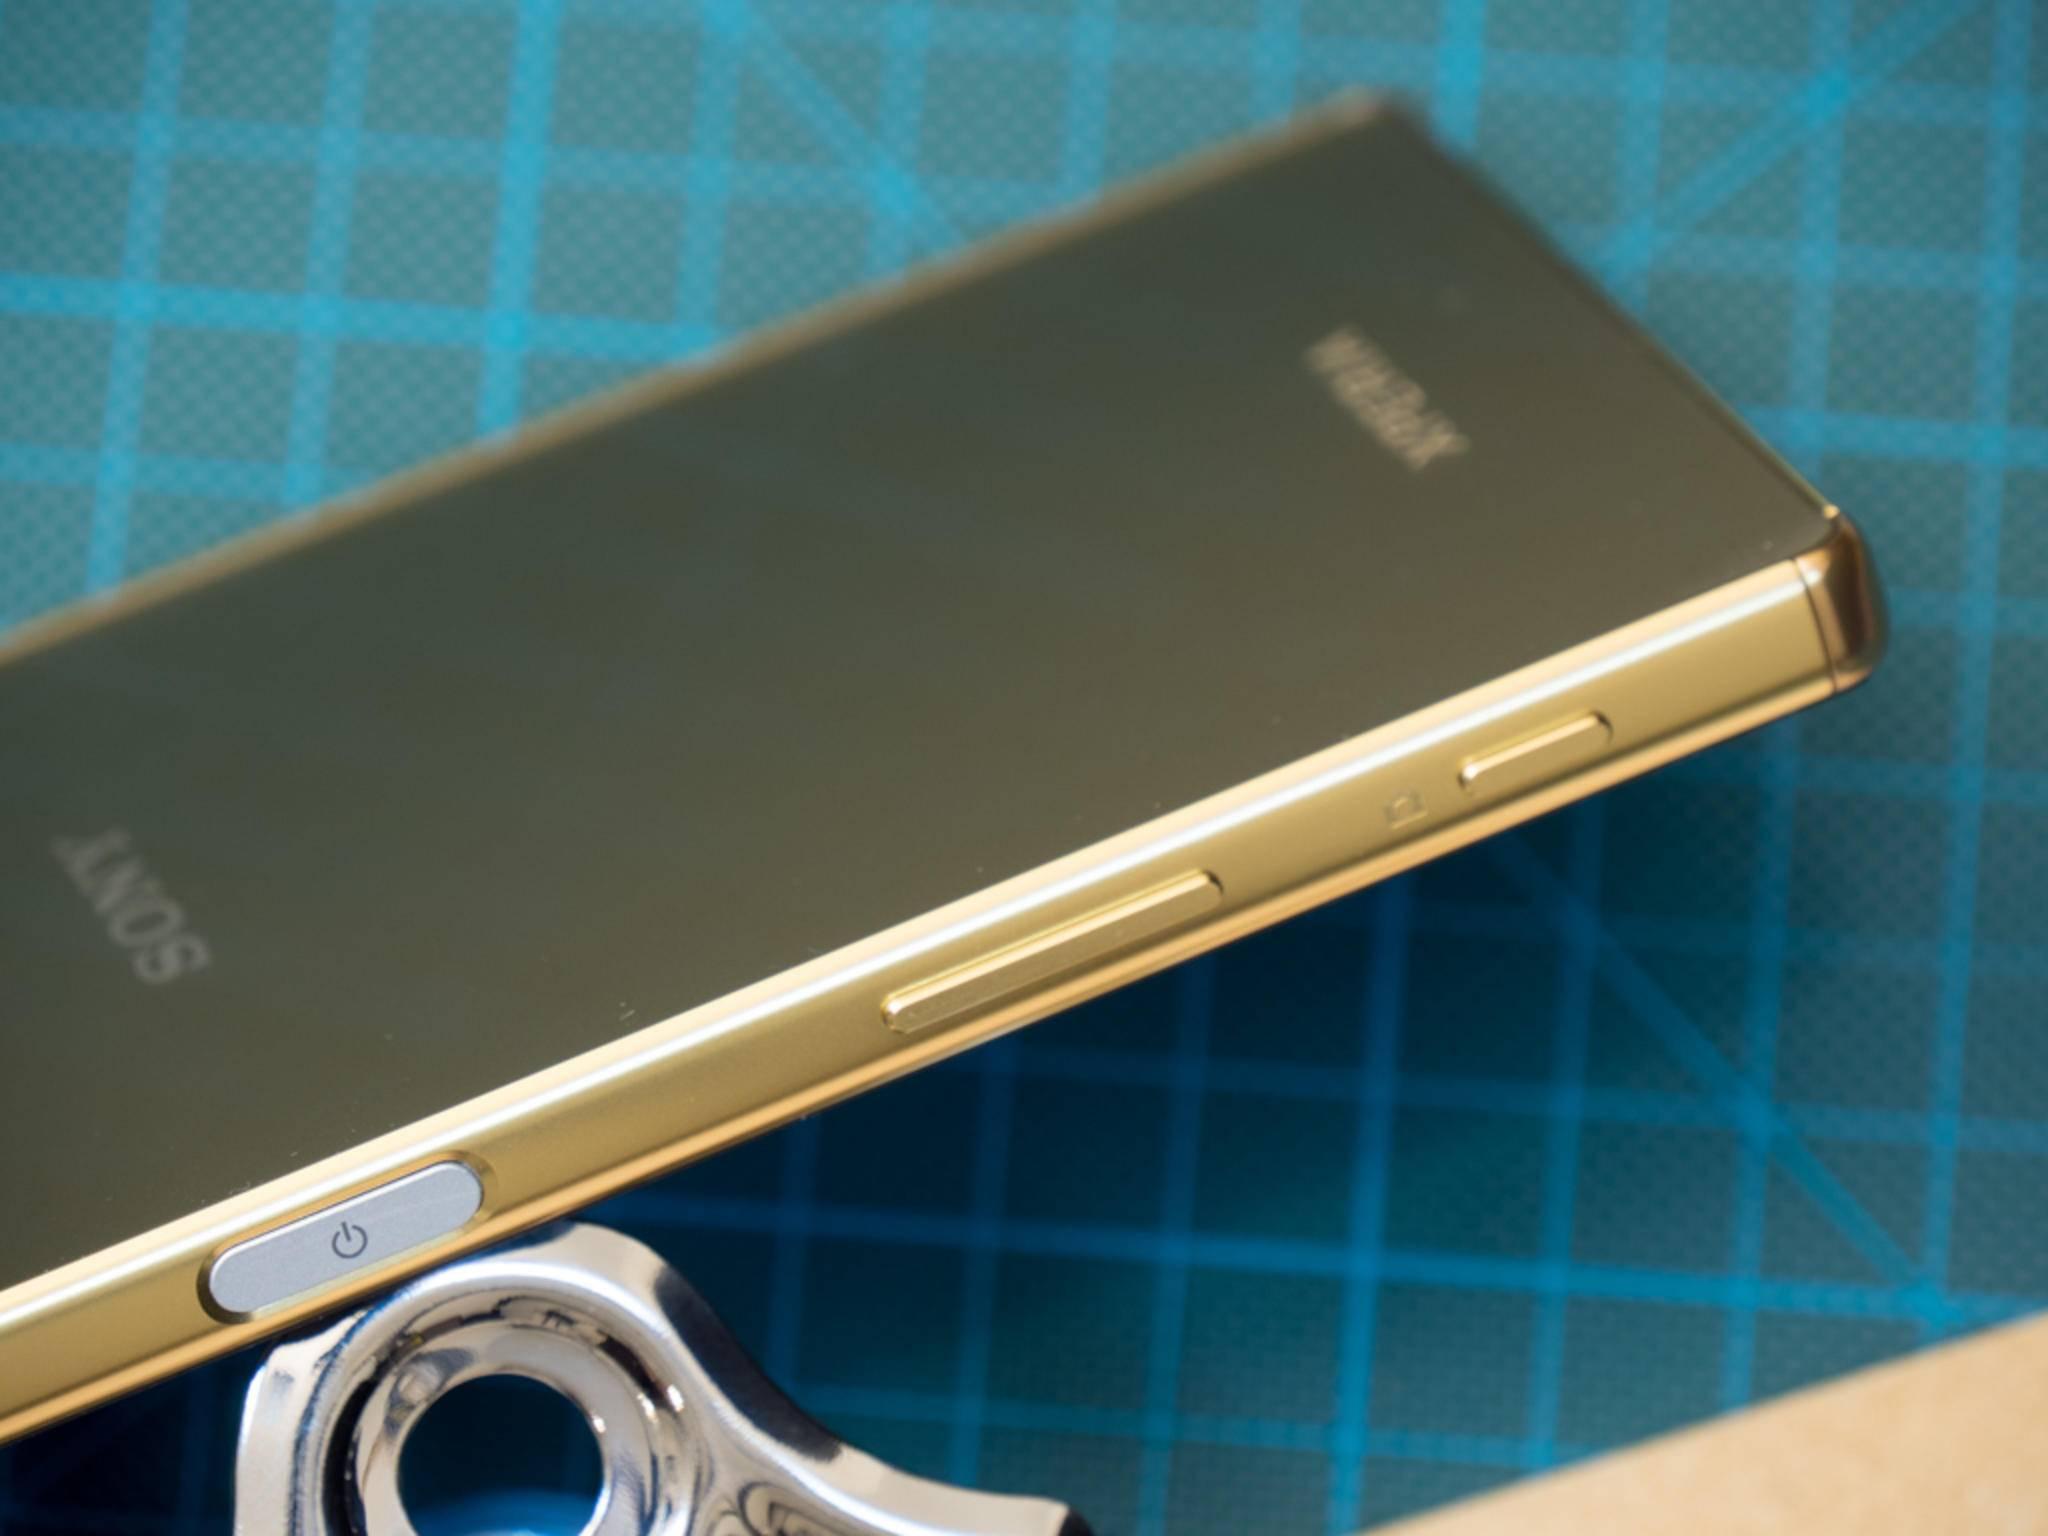 Das Xperia Z5 Premium ist in Gold, Schwarz oder Chrom erhältlich.